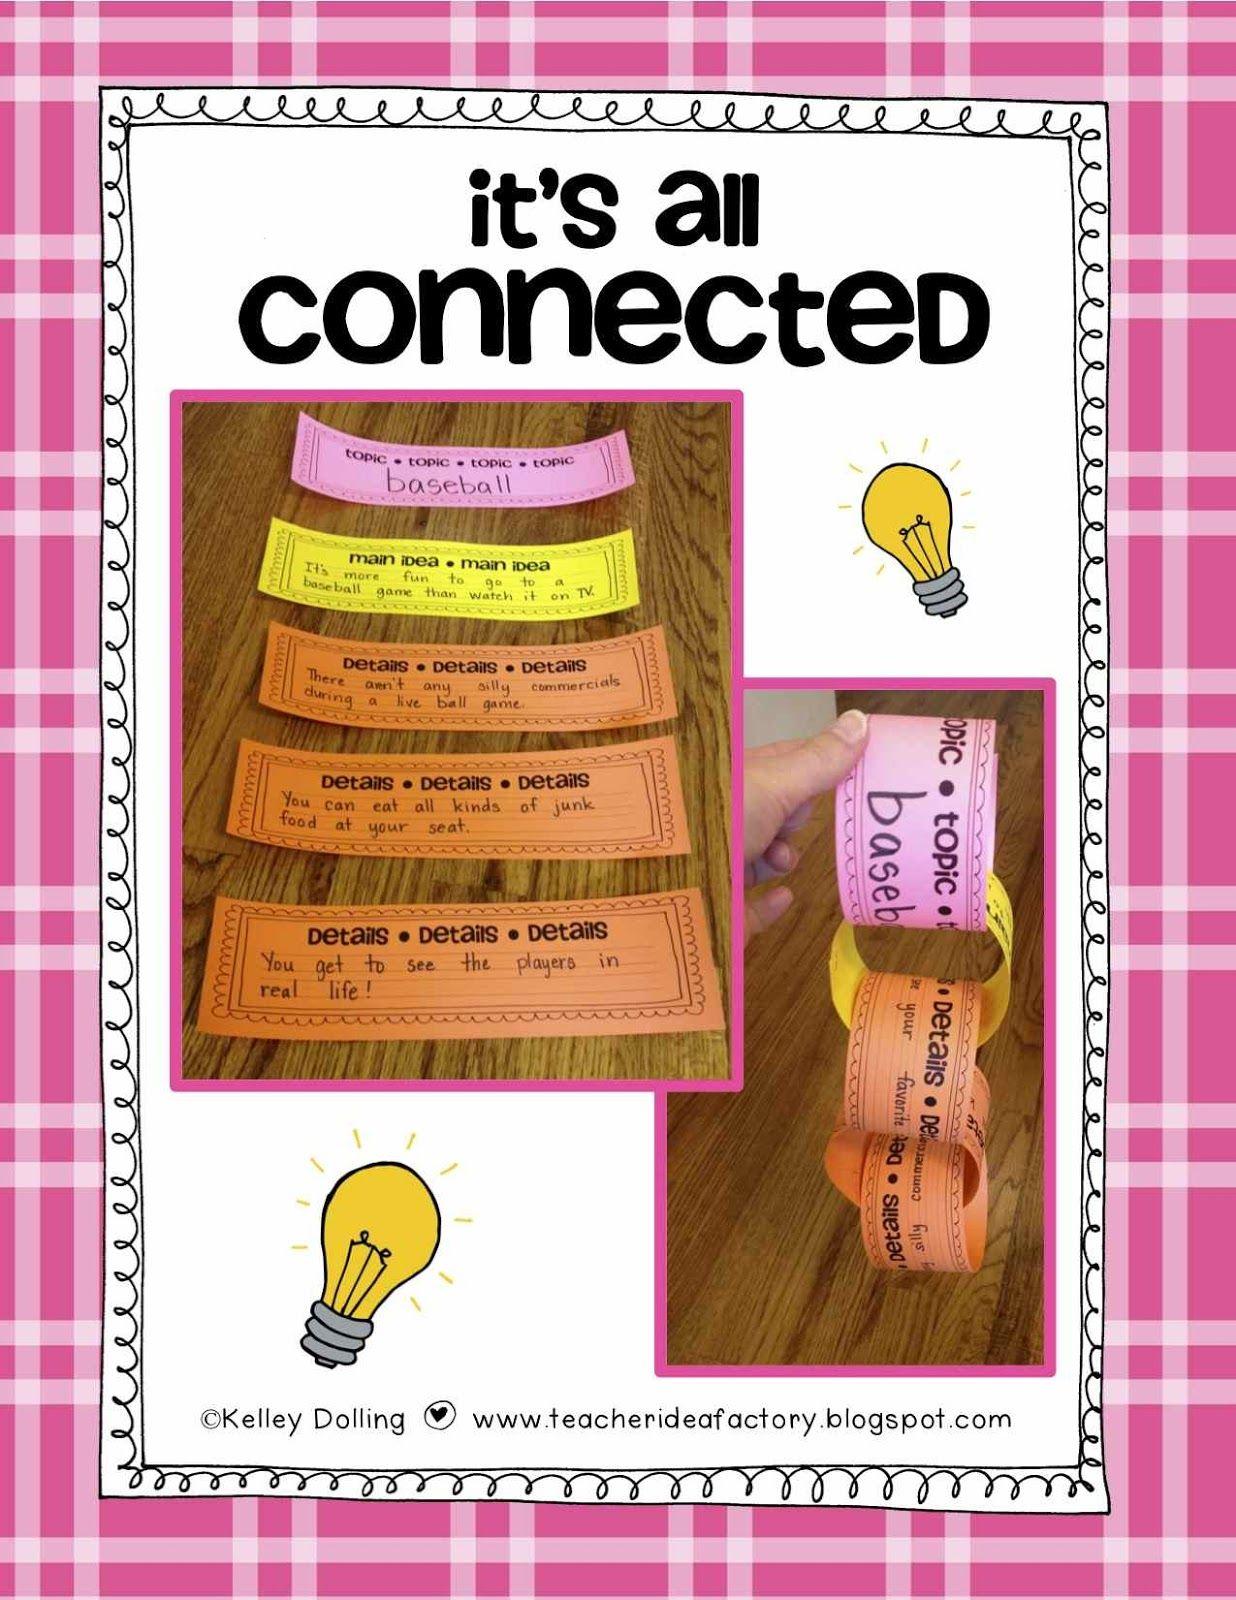 a new way to teach main idea - it's all connected! {teacher idea